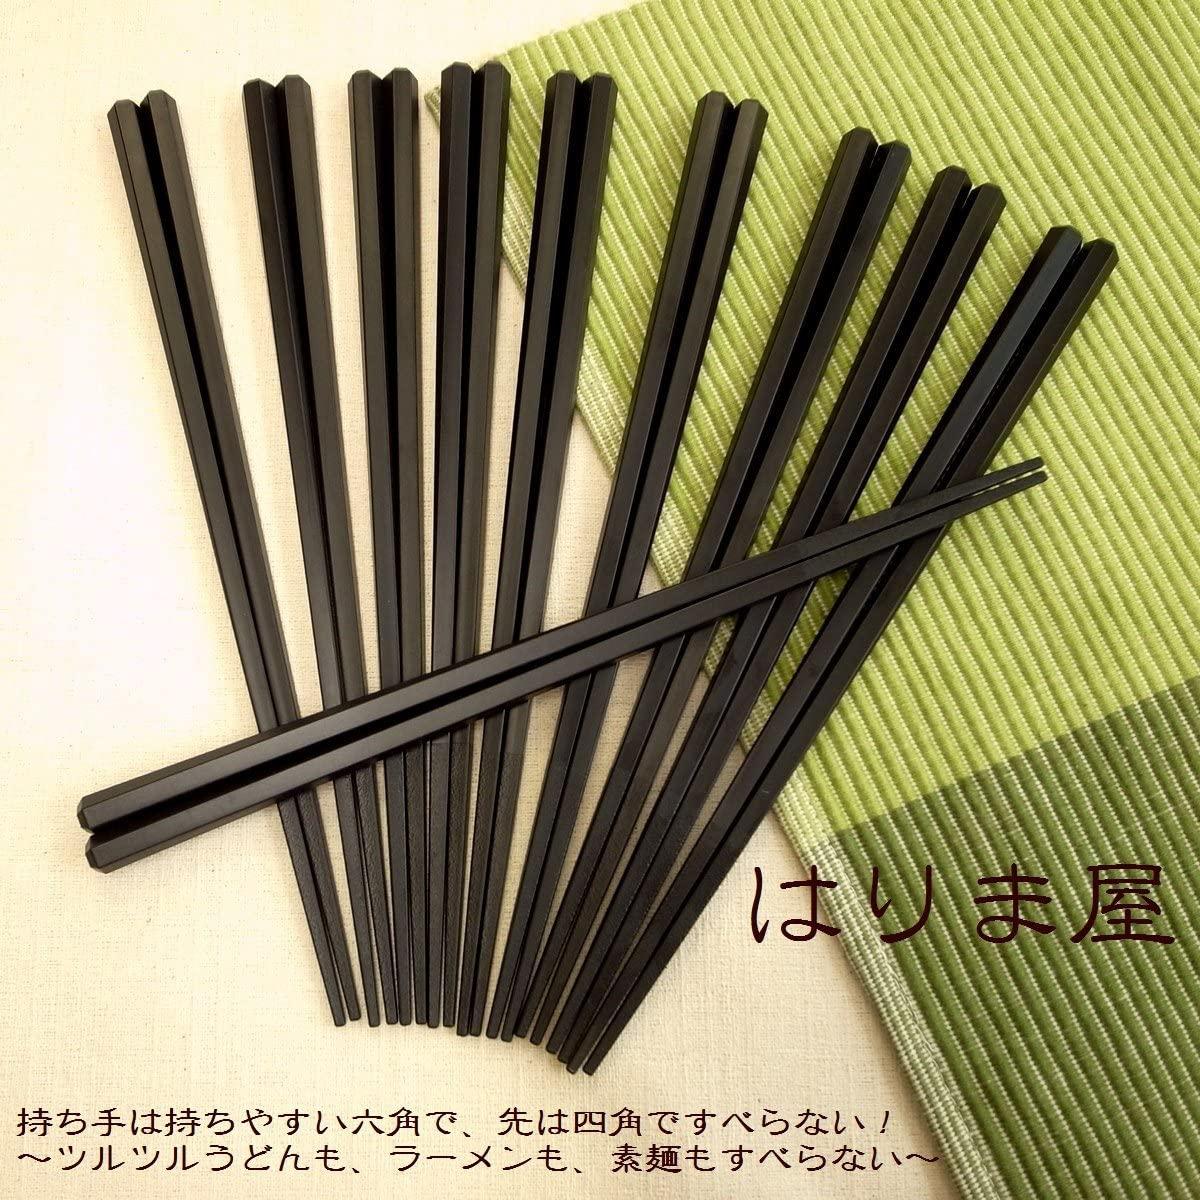 はりま屋(ハリマヤ) すべらない箸 10膳セット 22.5cmの商品画像2